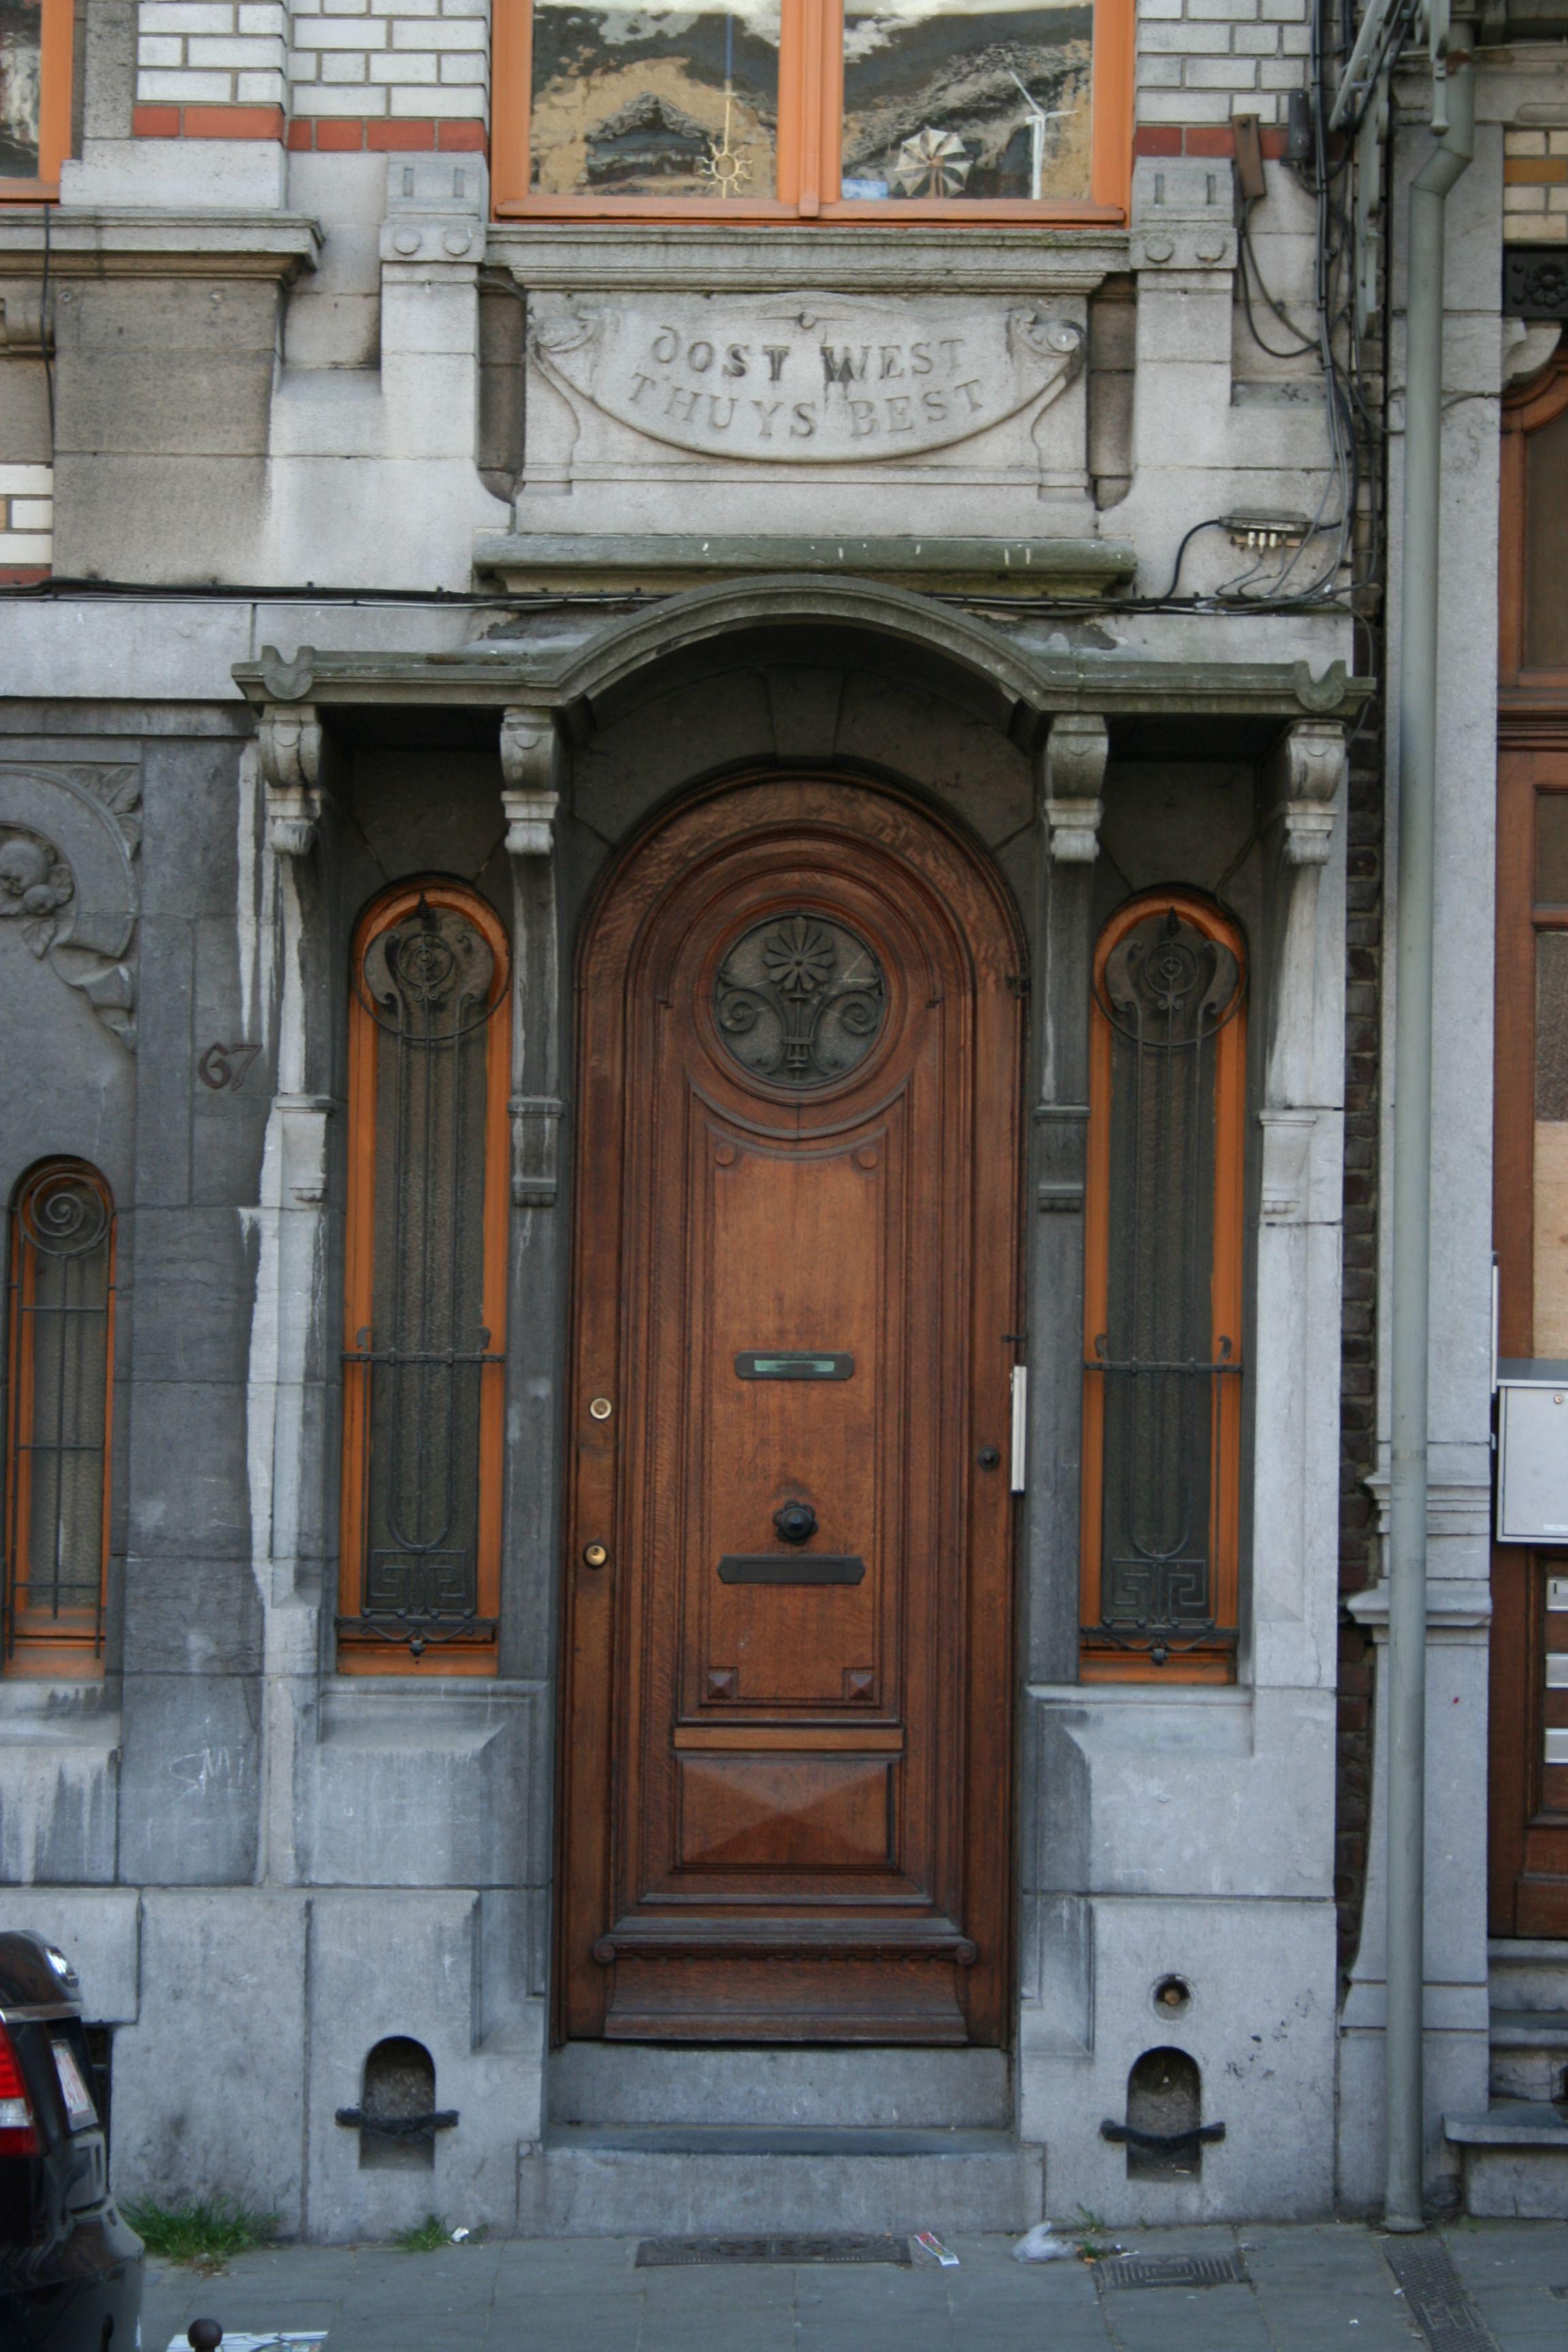 Porte art nouveau bruxelles art nouveauart deco doors pinterest